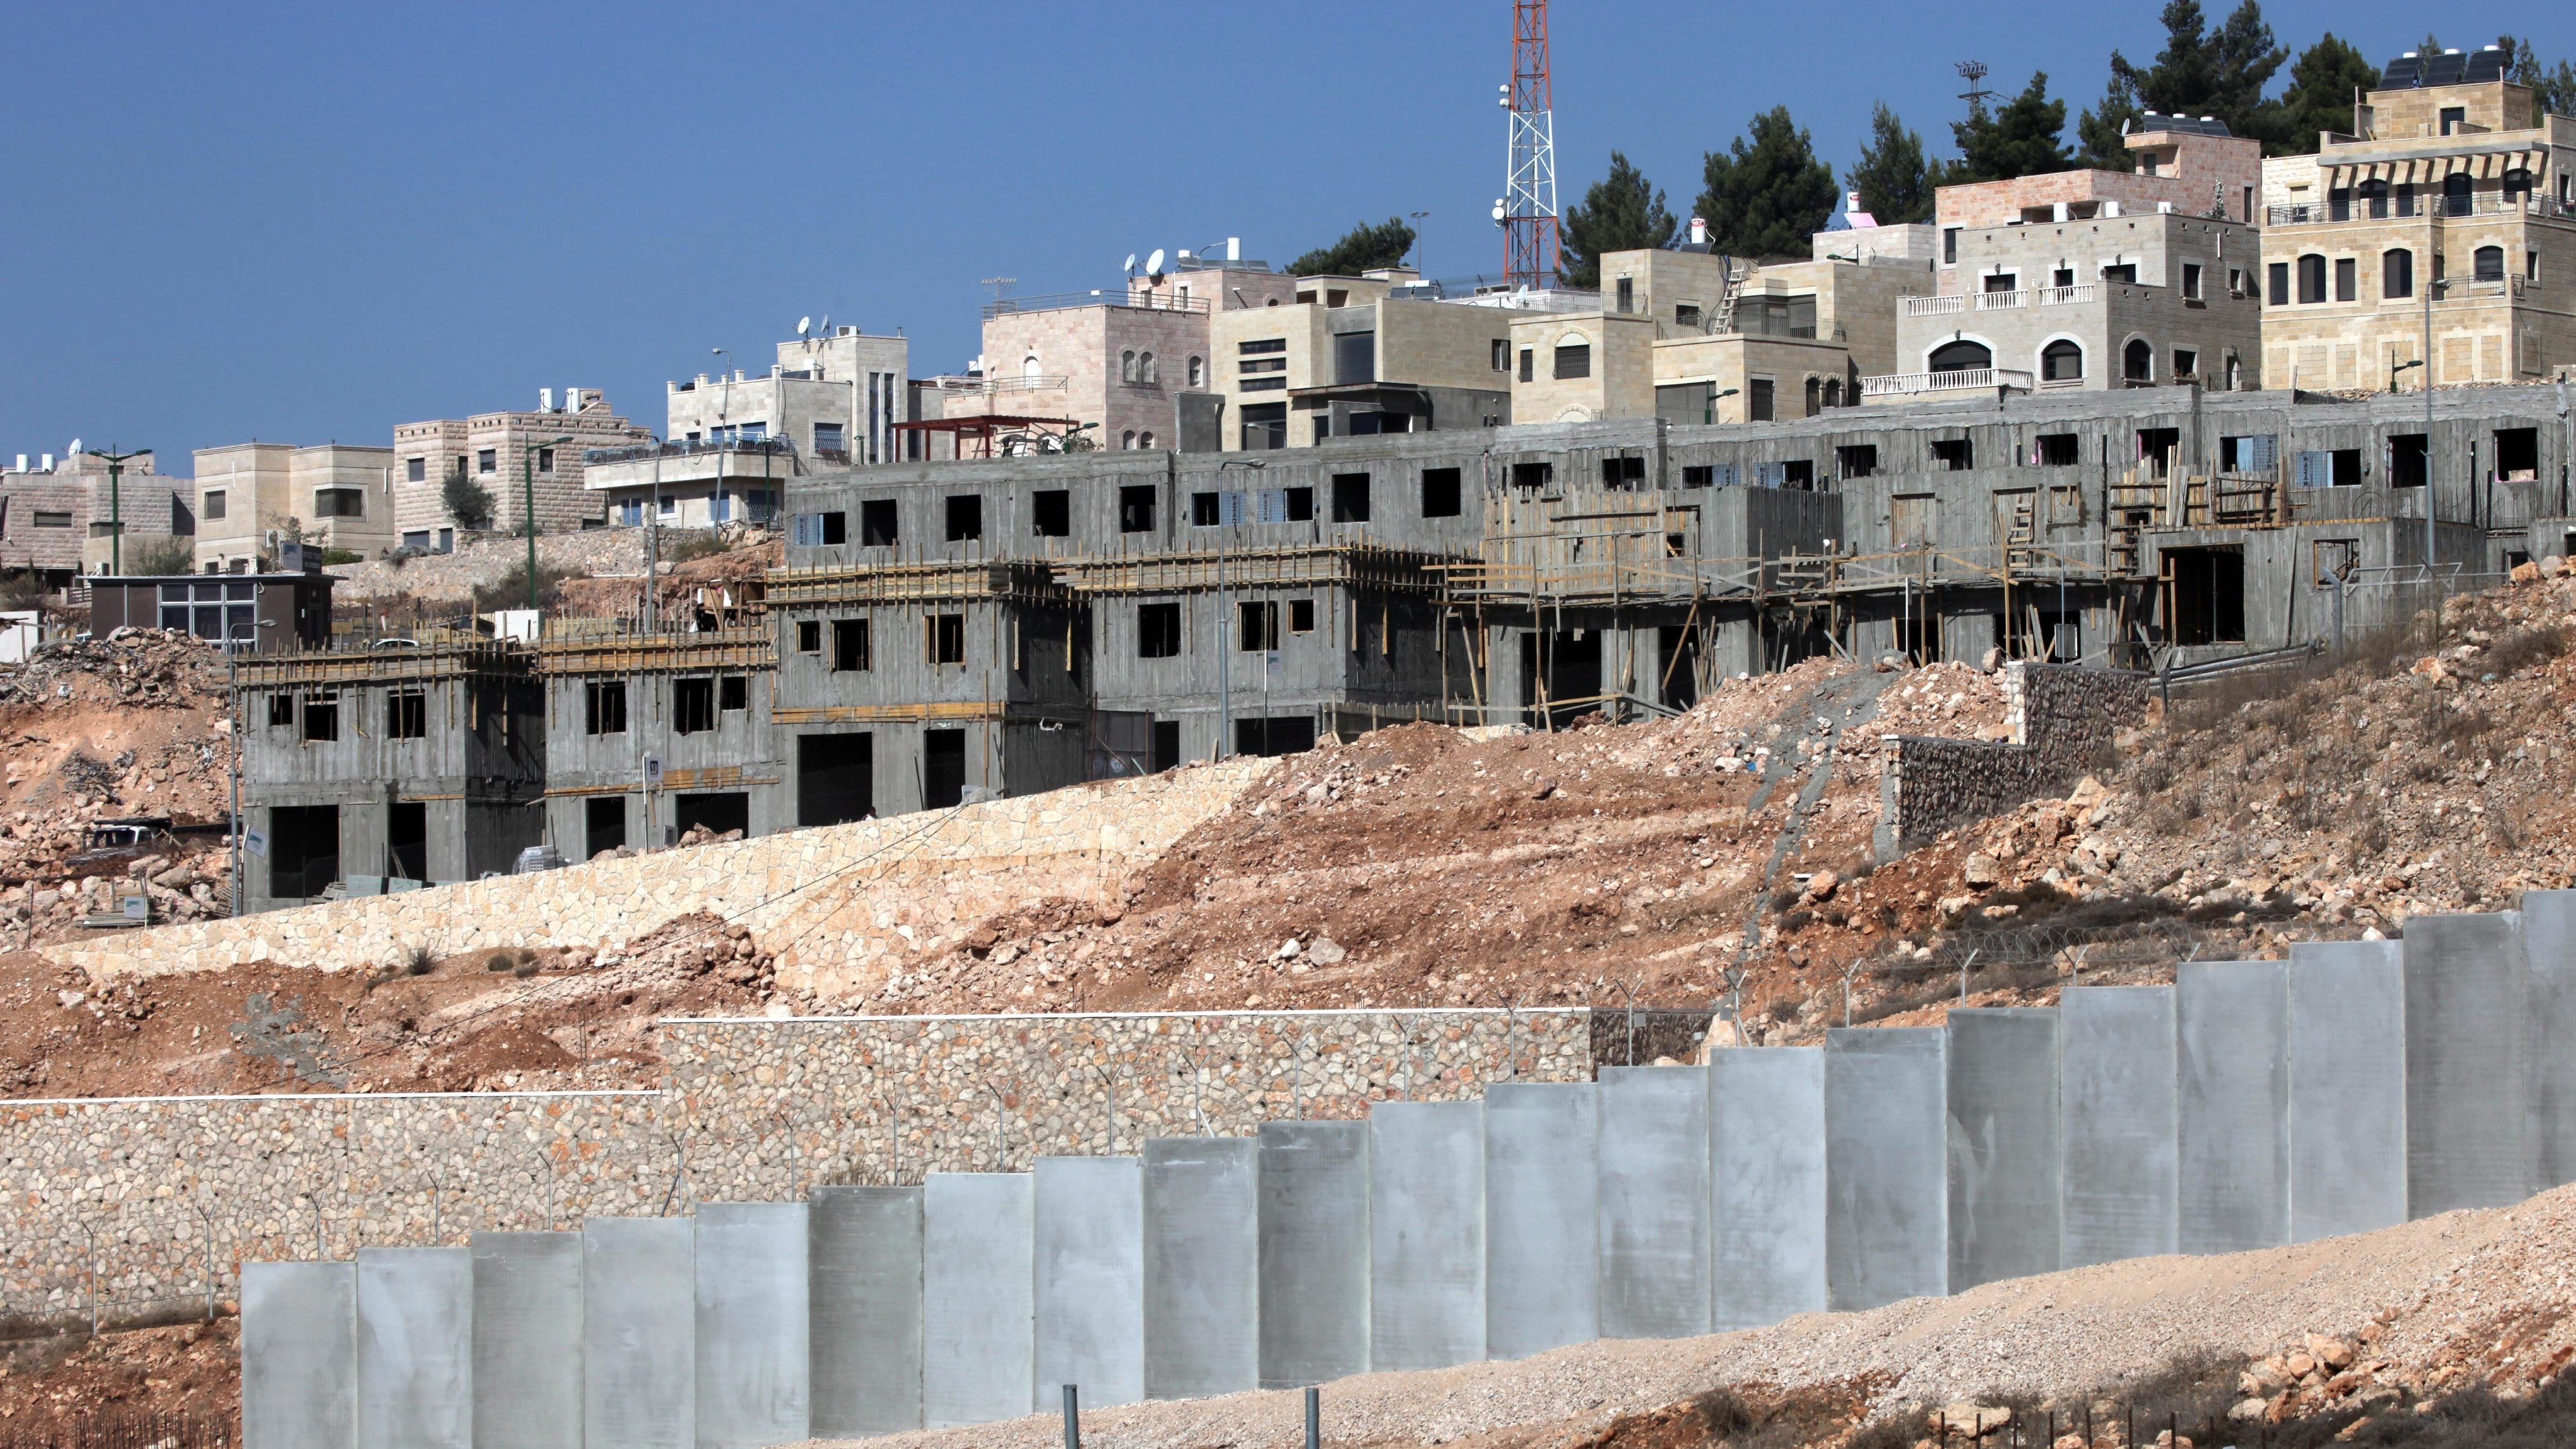 Blick auf die Baustelle der israelischen Siedlung Har Gillo im Westjordanland (Archivbild)